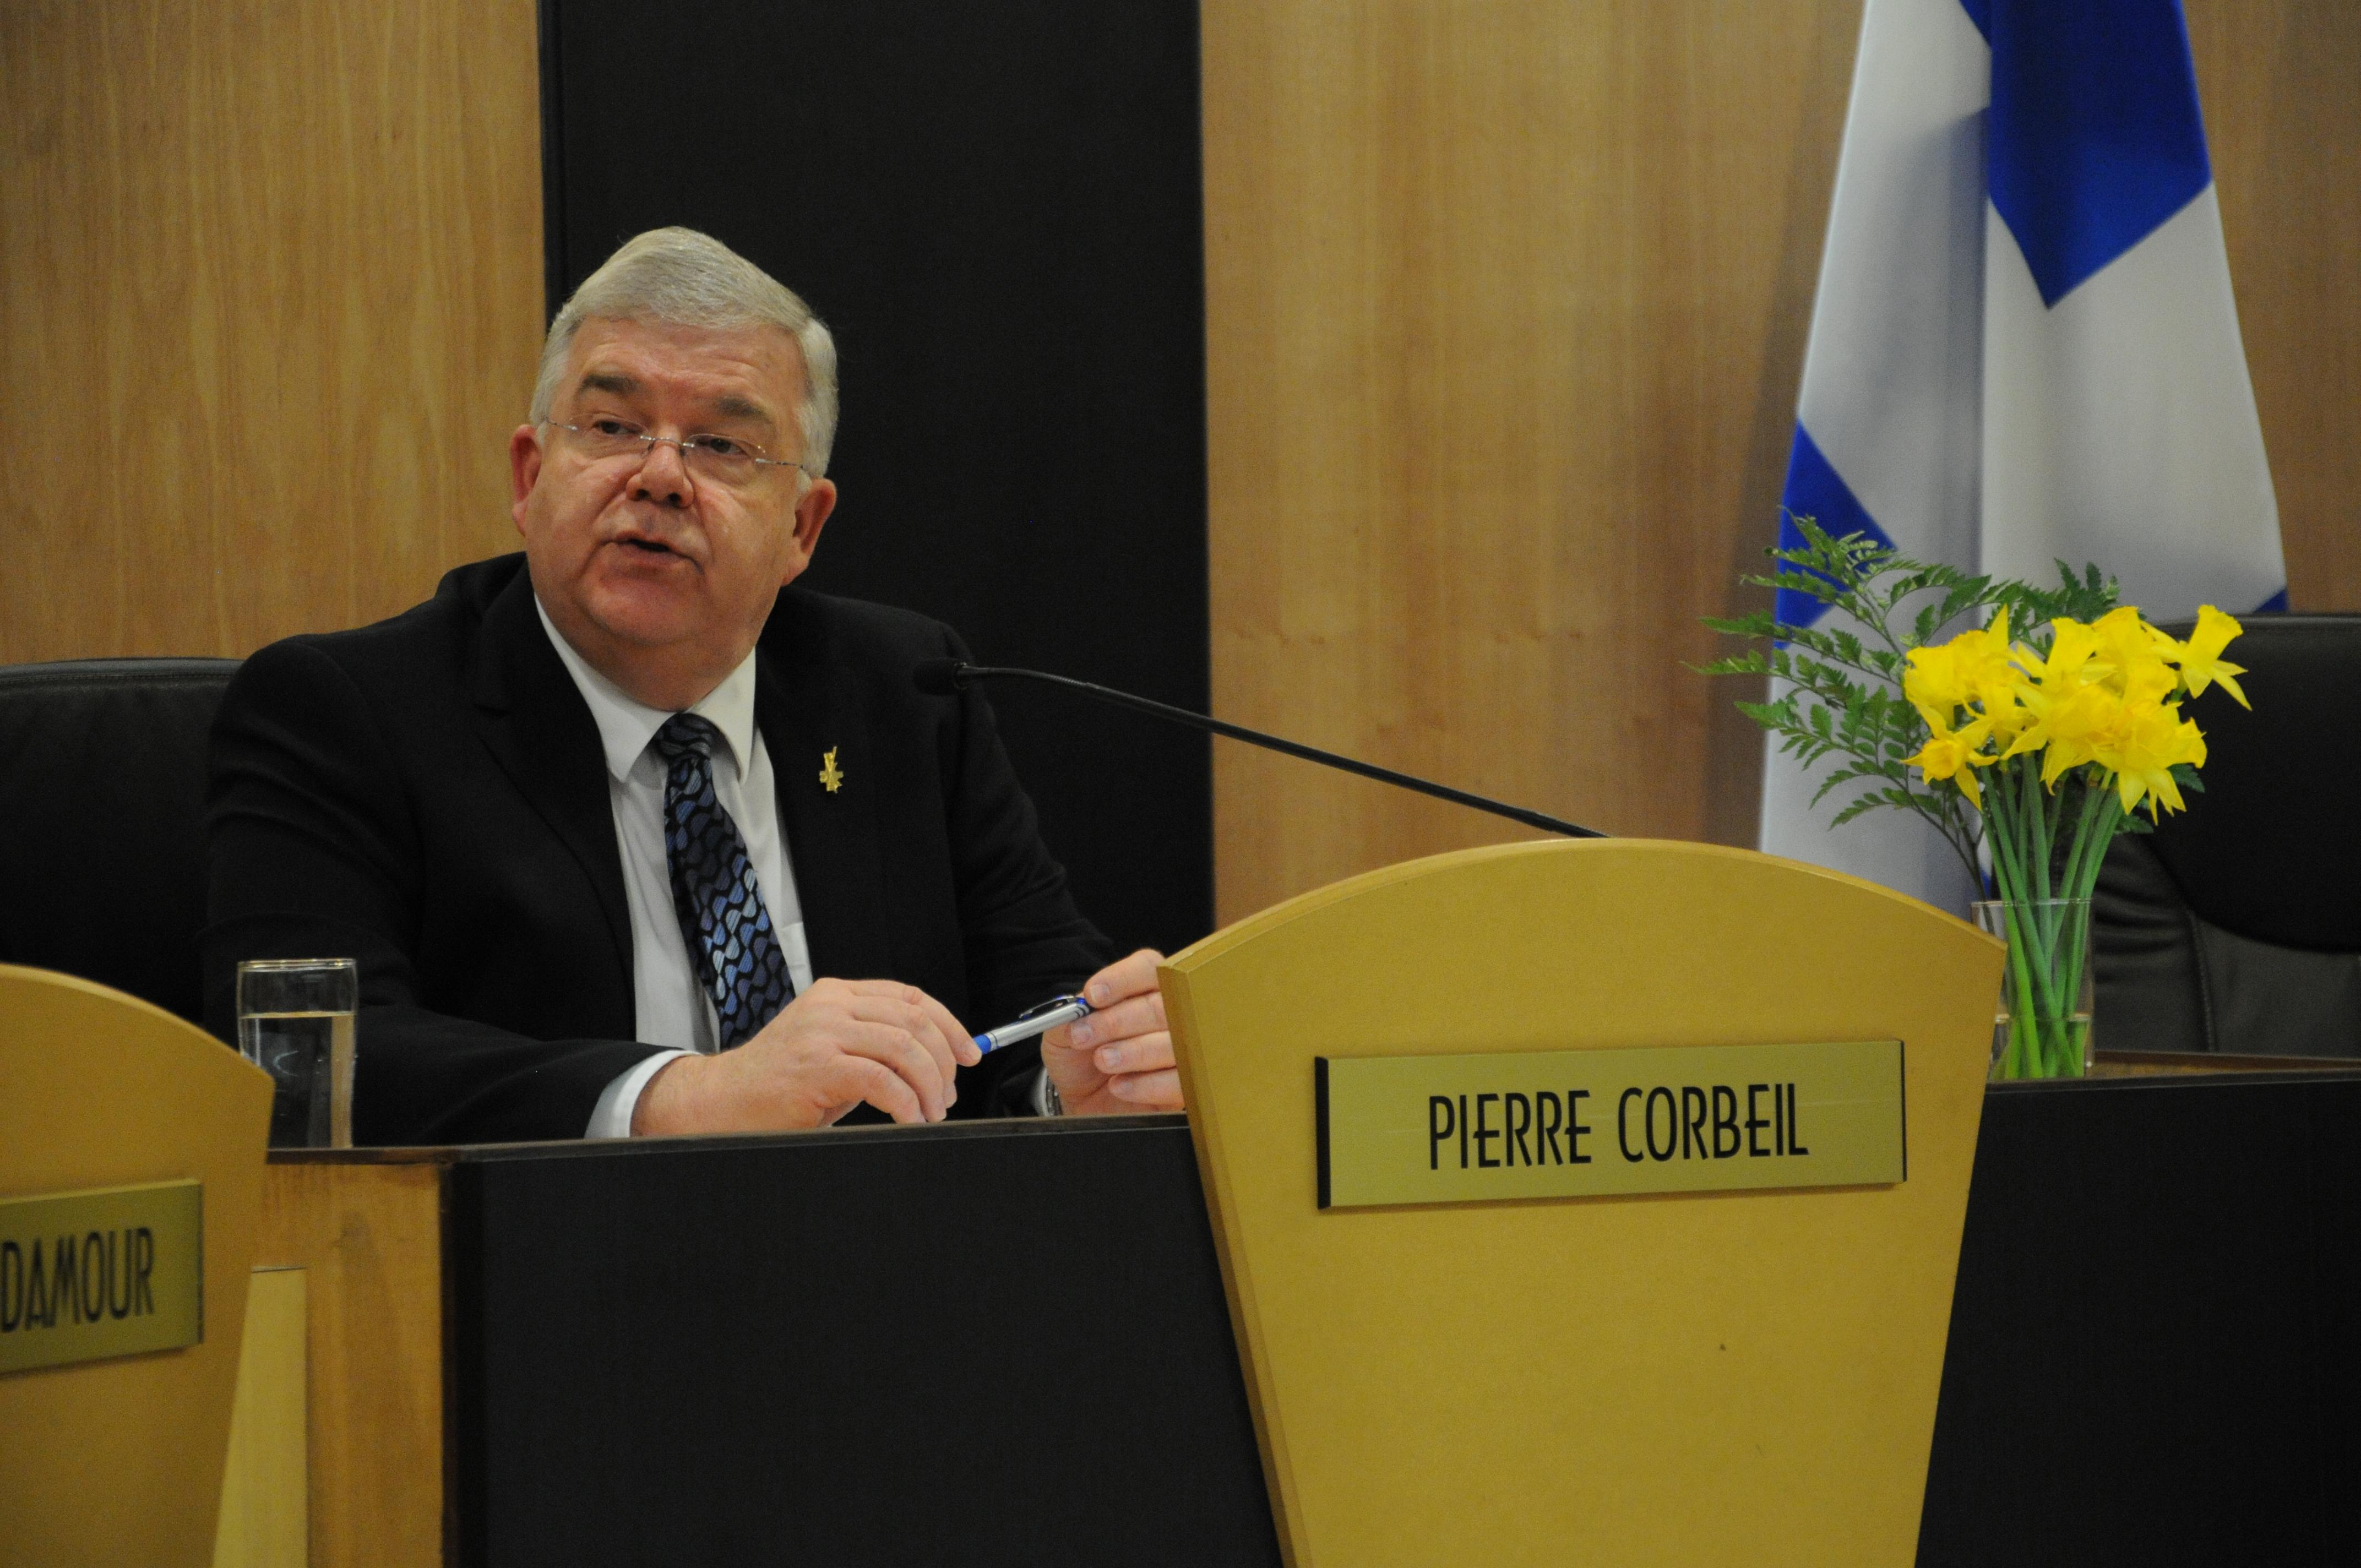 Pierre Corbeil